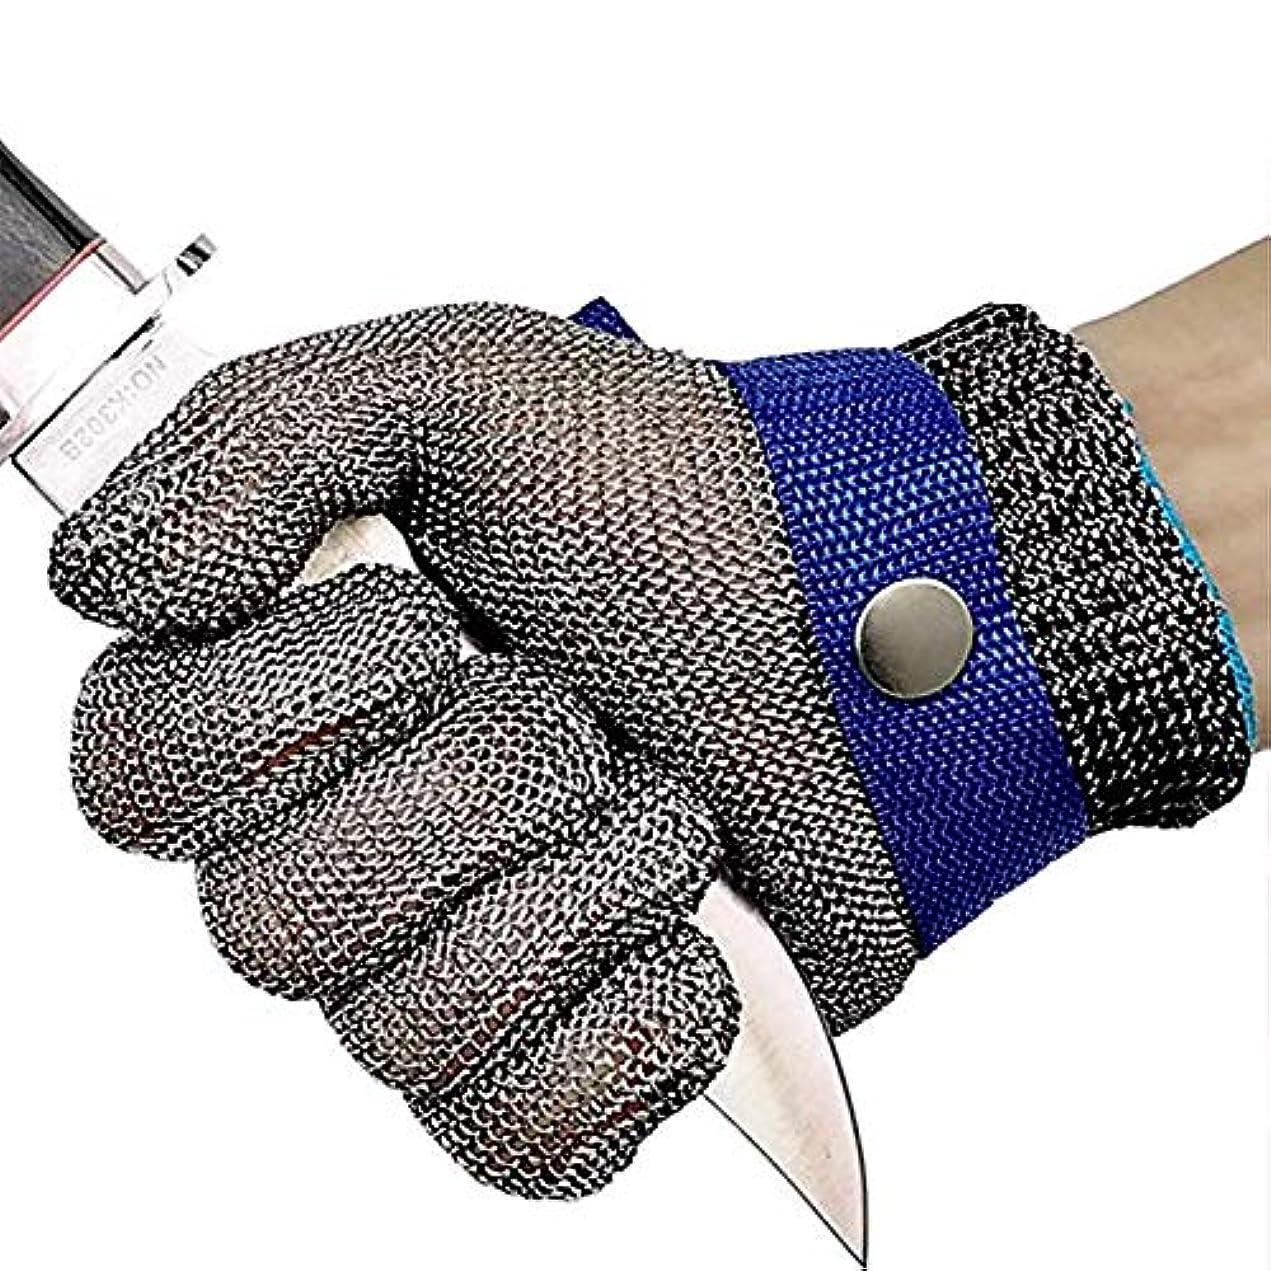 辞任ジェム保証する切断するためのカット性手袋、ステンレススチールワイヤーメタルメッシュブッチャー安全作業手袋、スライスチョッピングとピーリング,S